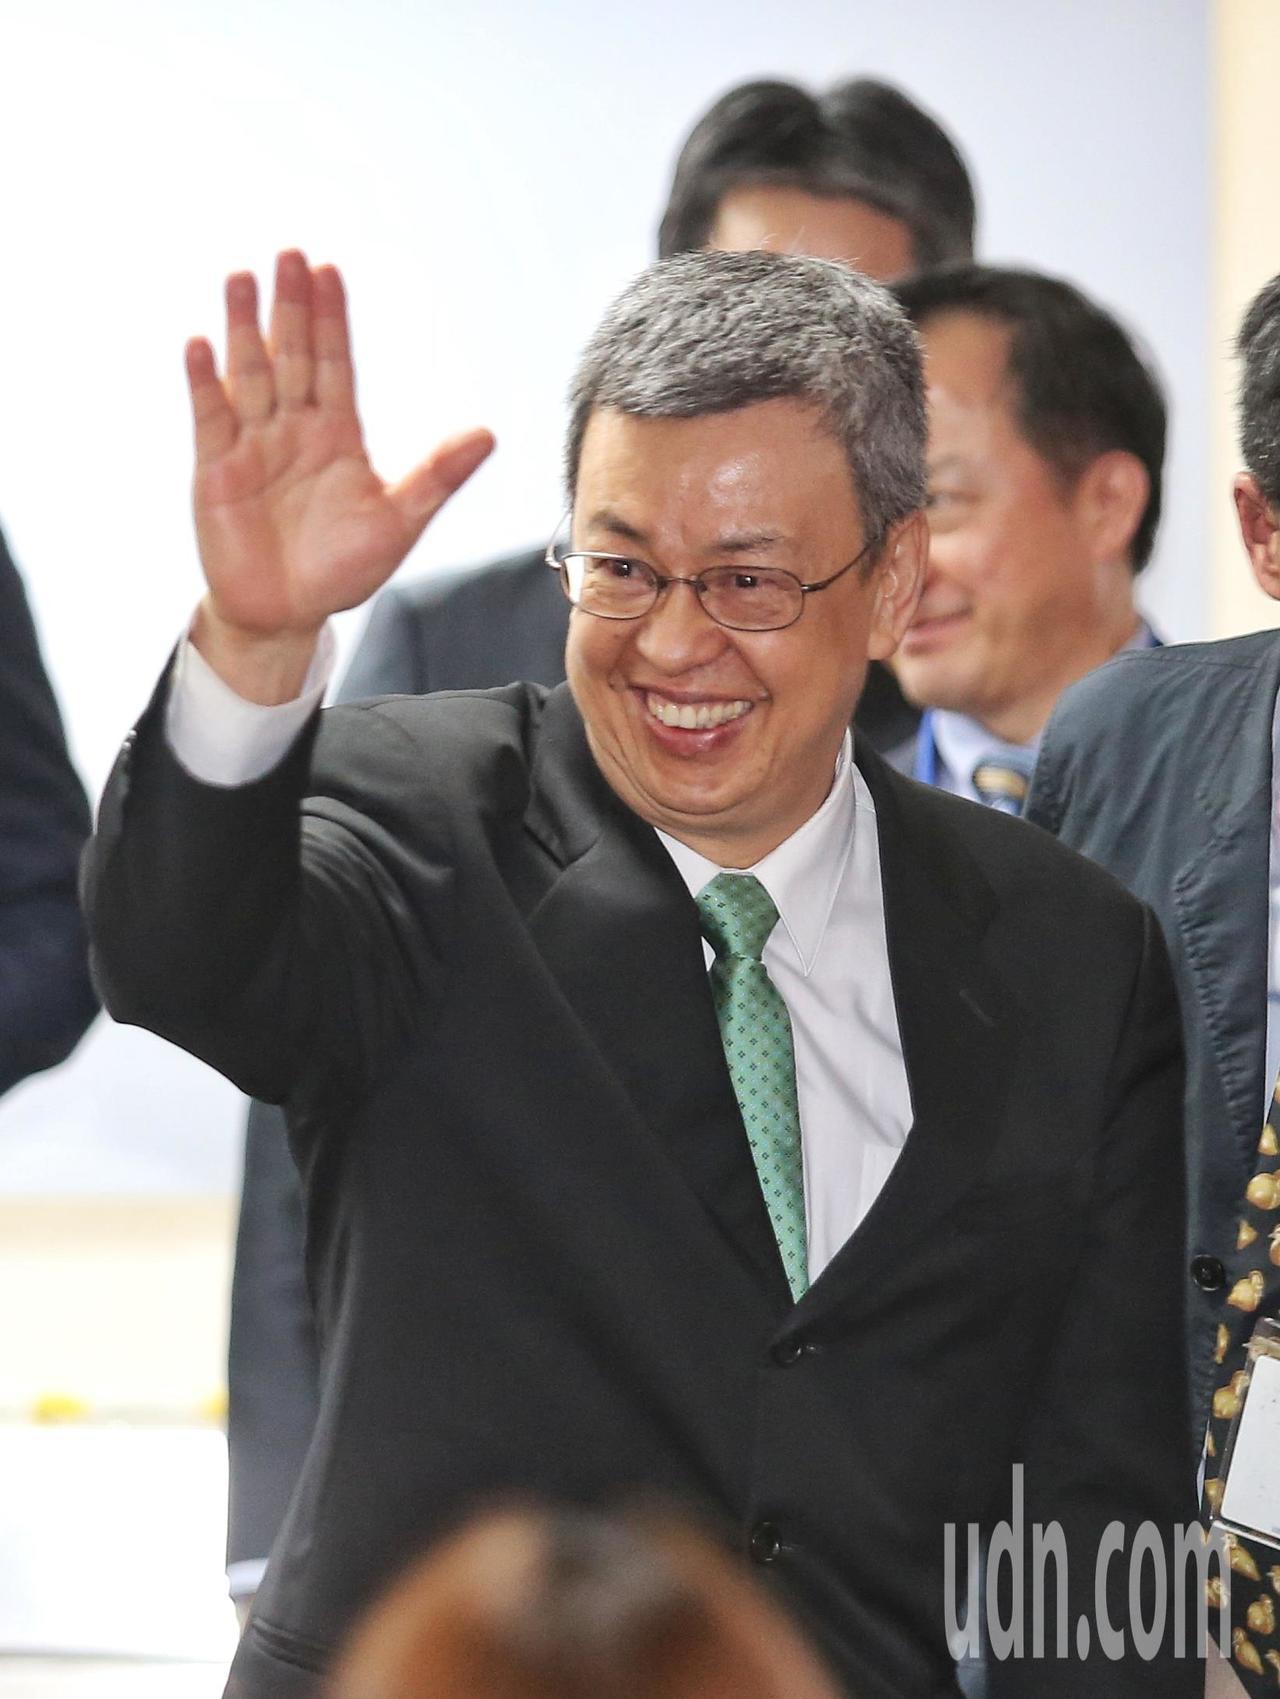 副總統陳建仁出席中央通訊社社慶。記者鄭清元/攝影